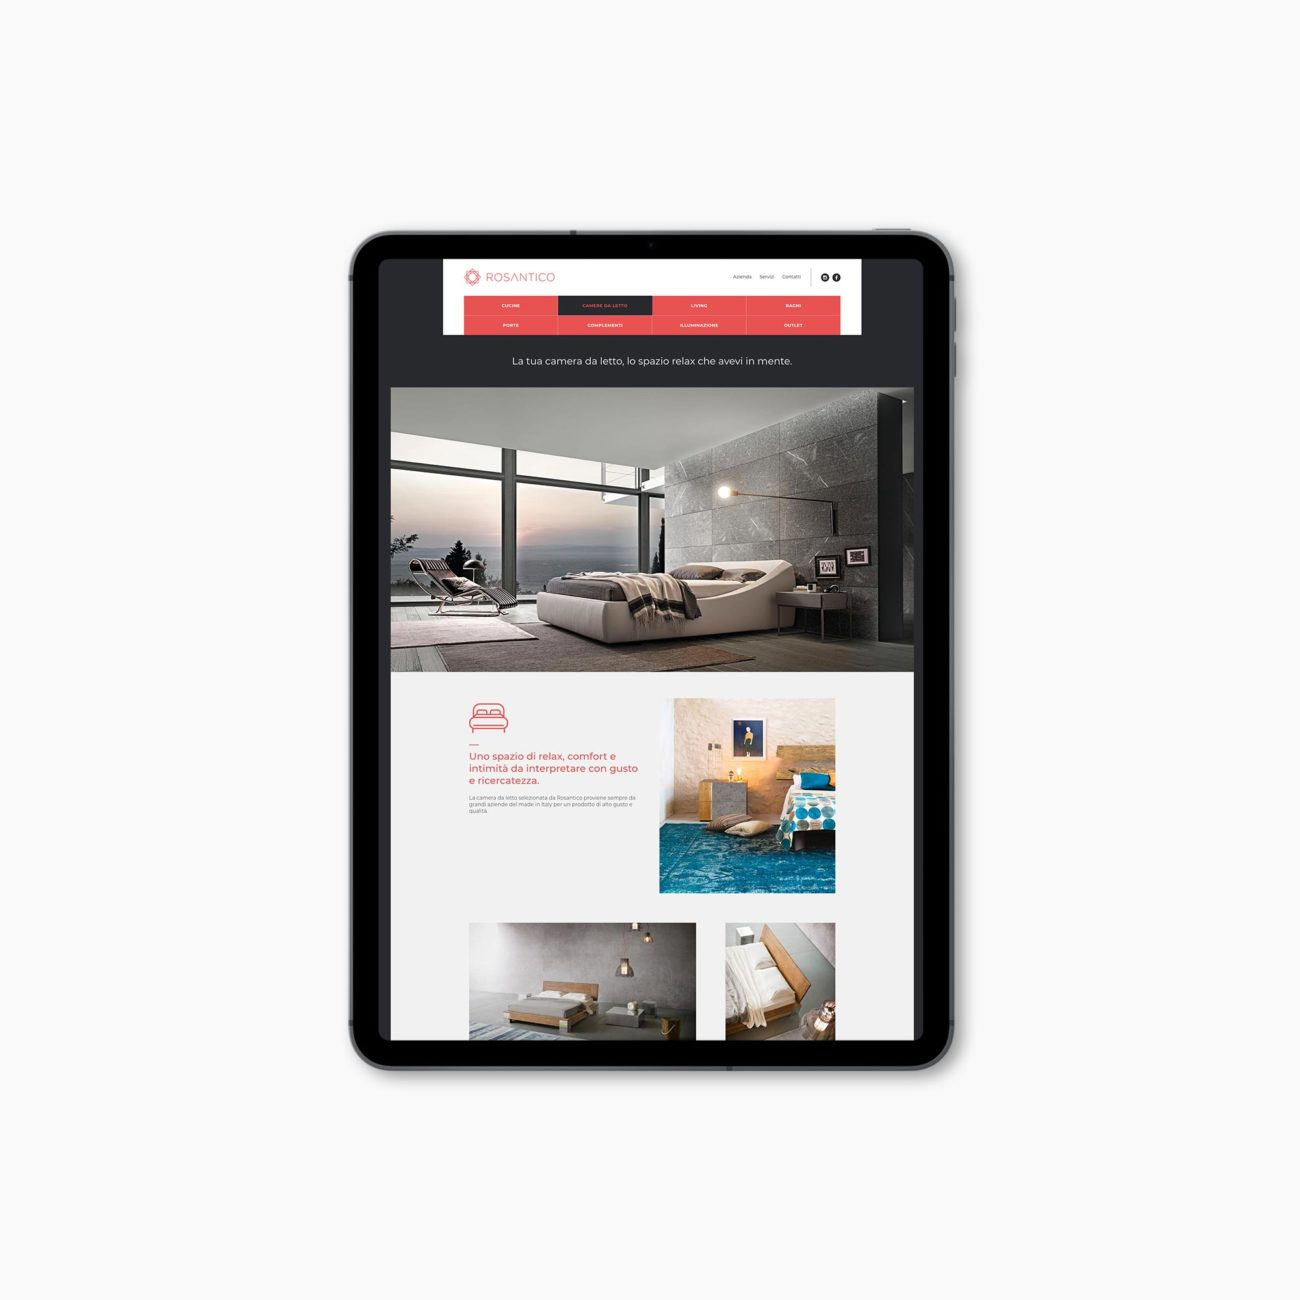 Rosantico progetto grafico sito web